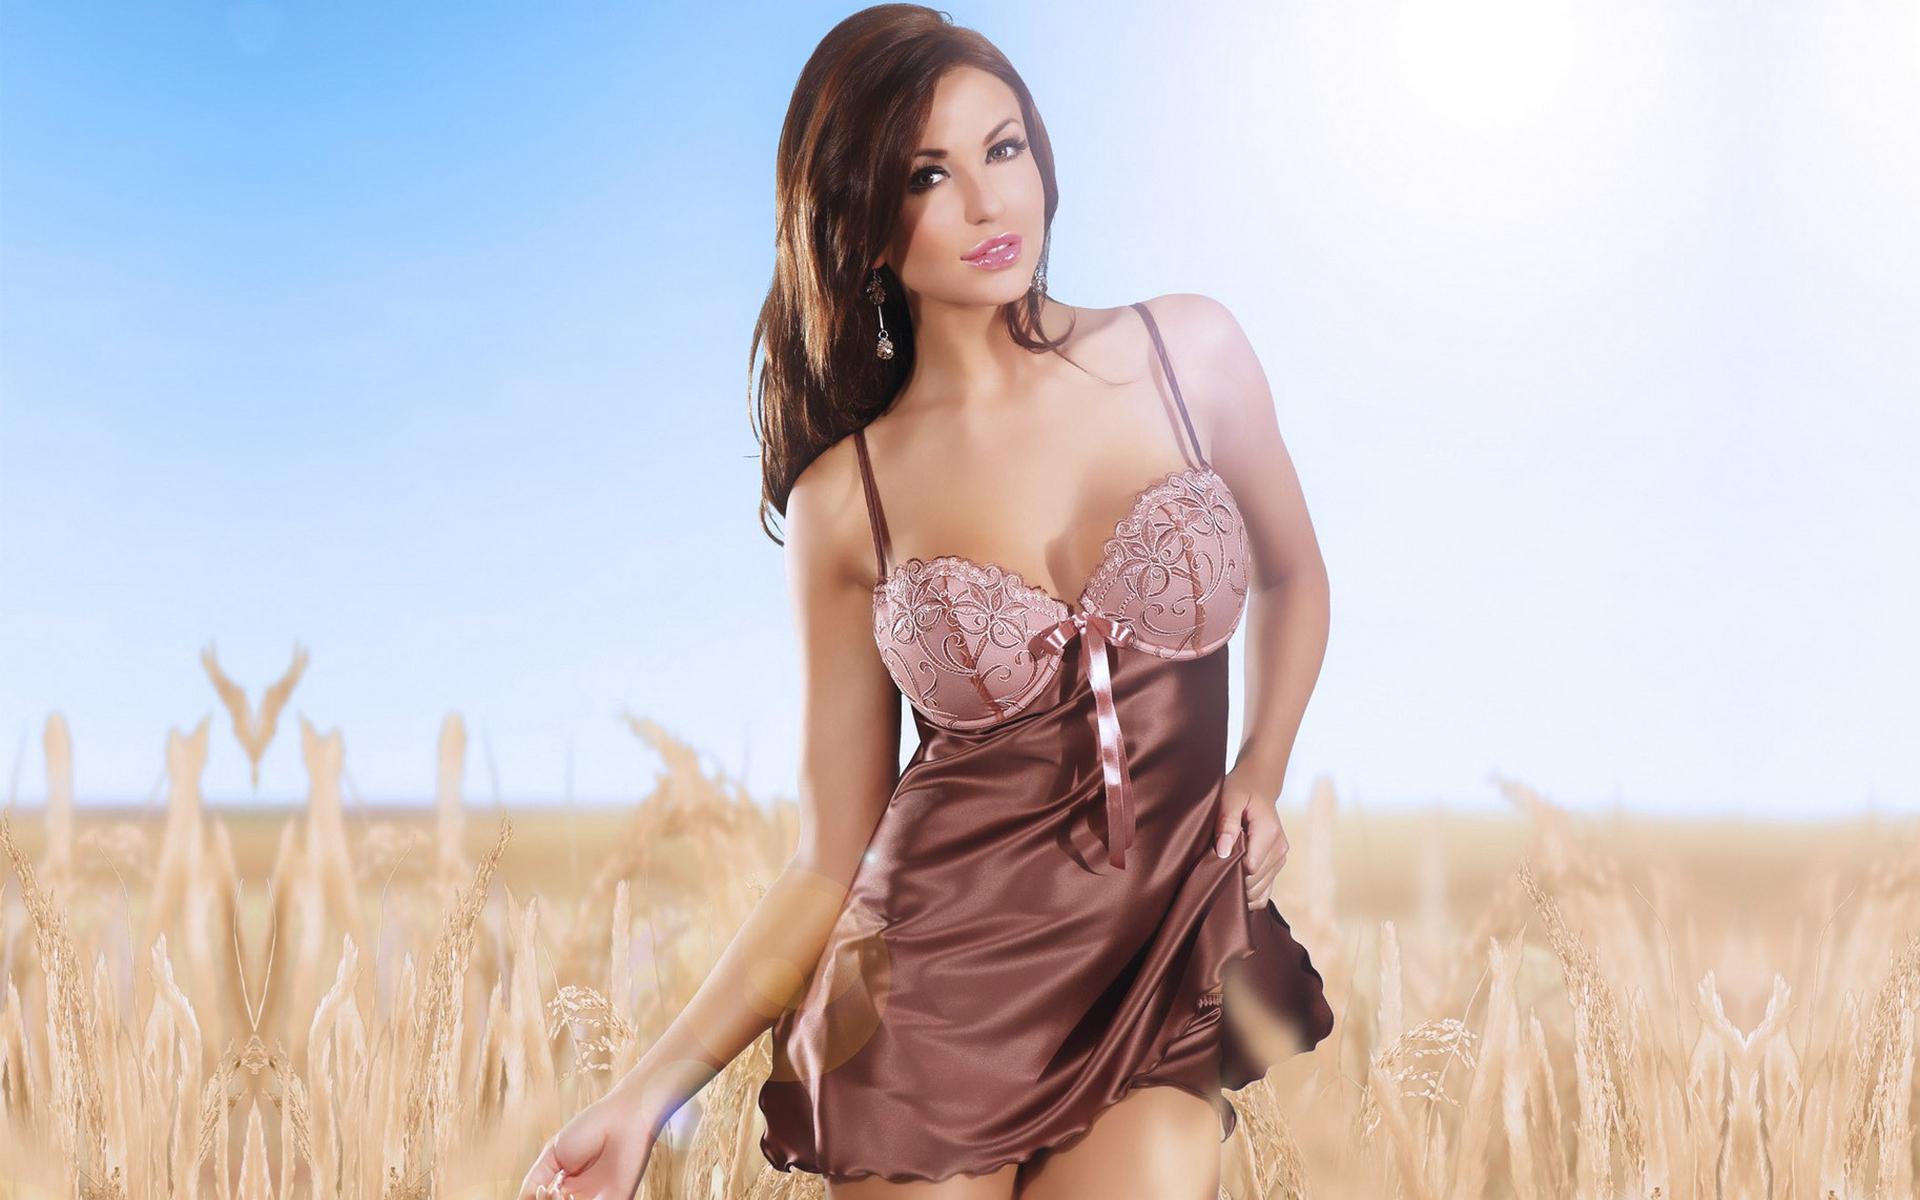 длинные волосы девушка сорочка природа  № 1819651 загрузить